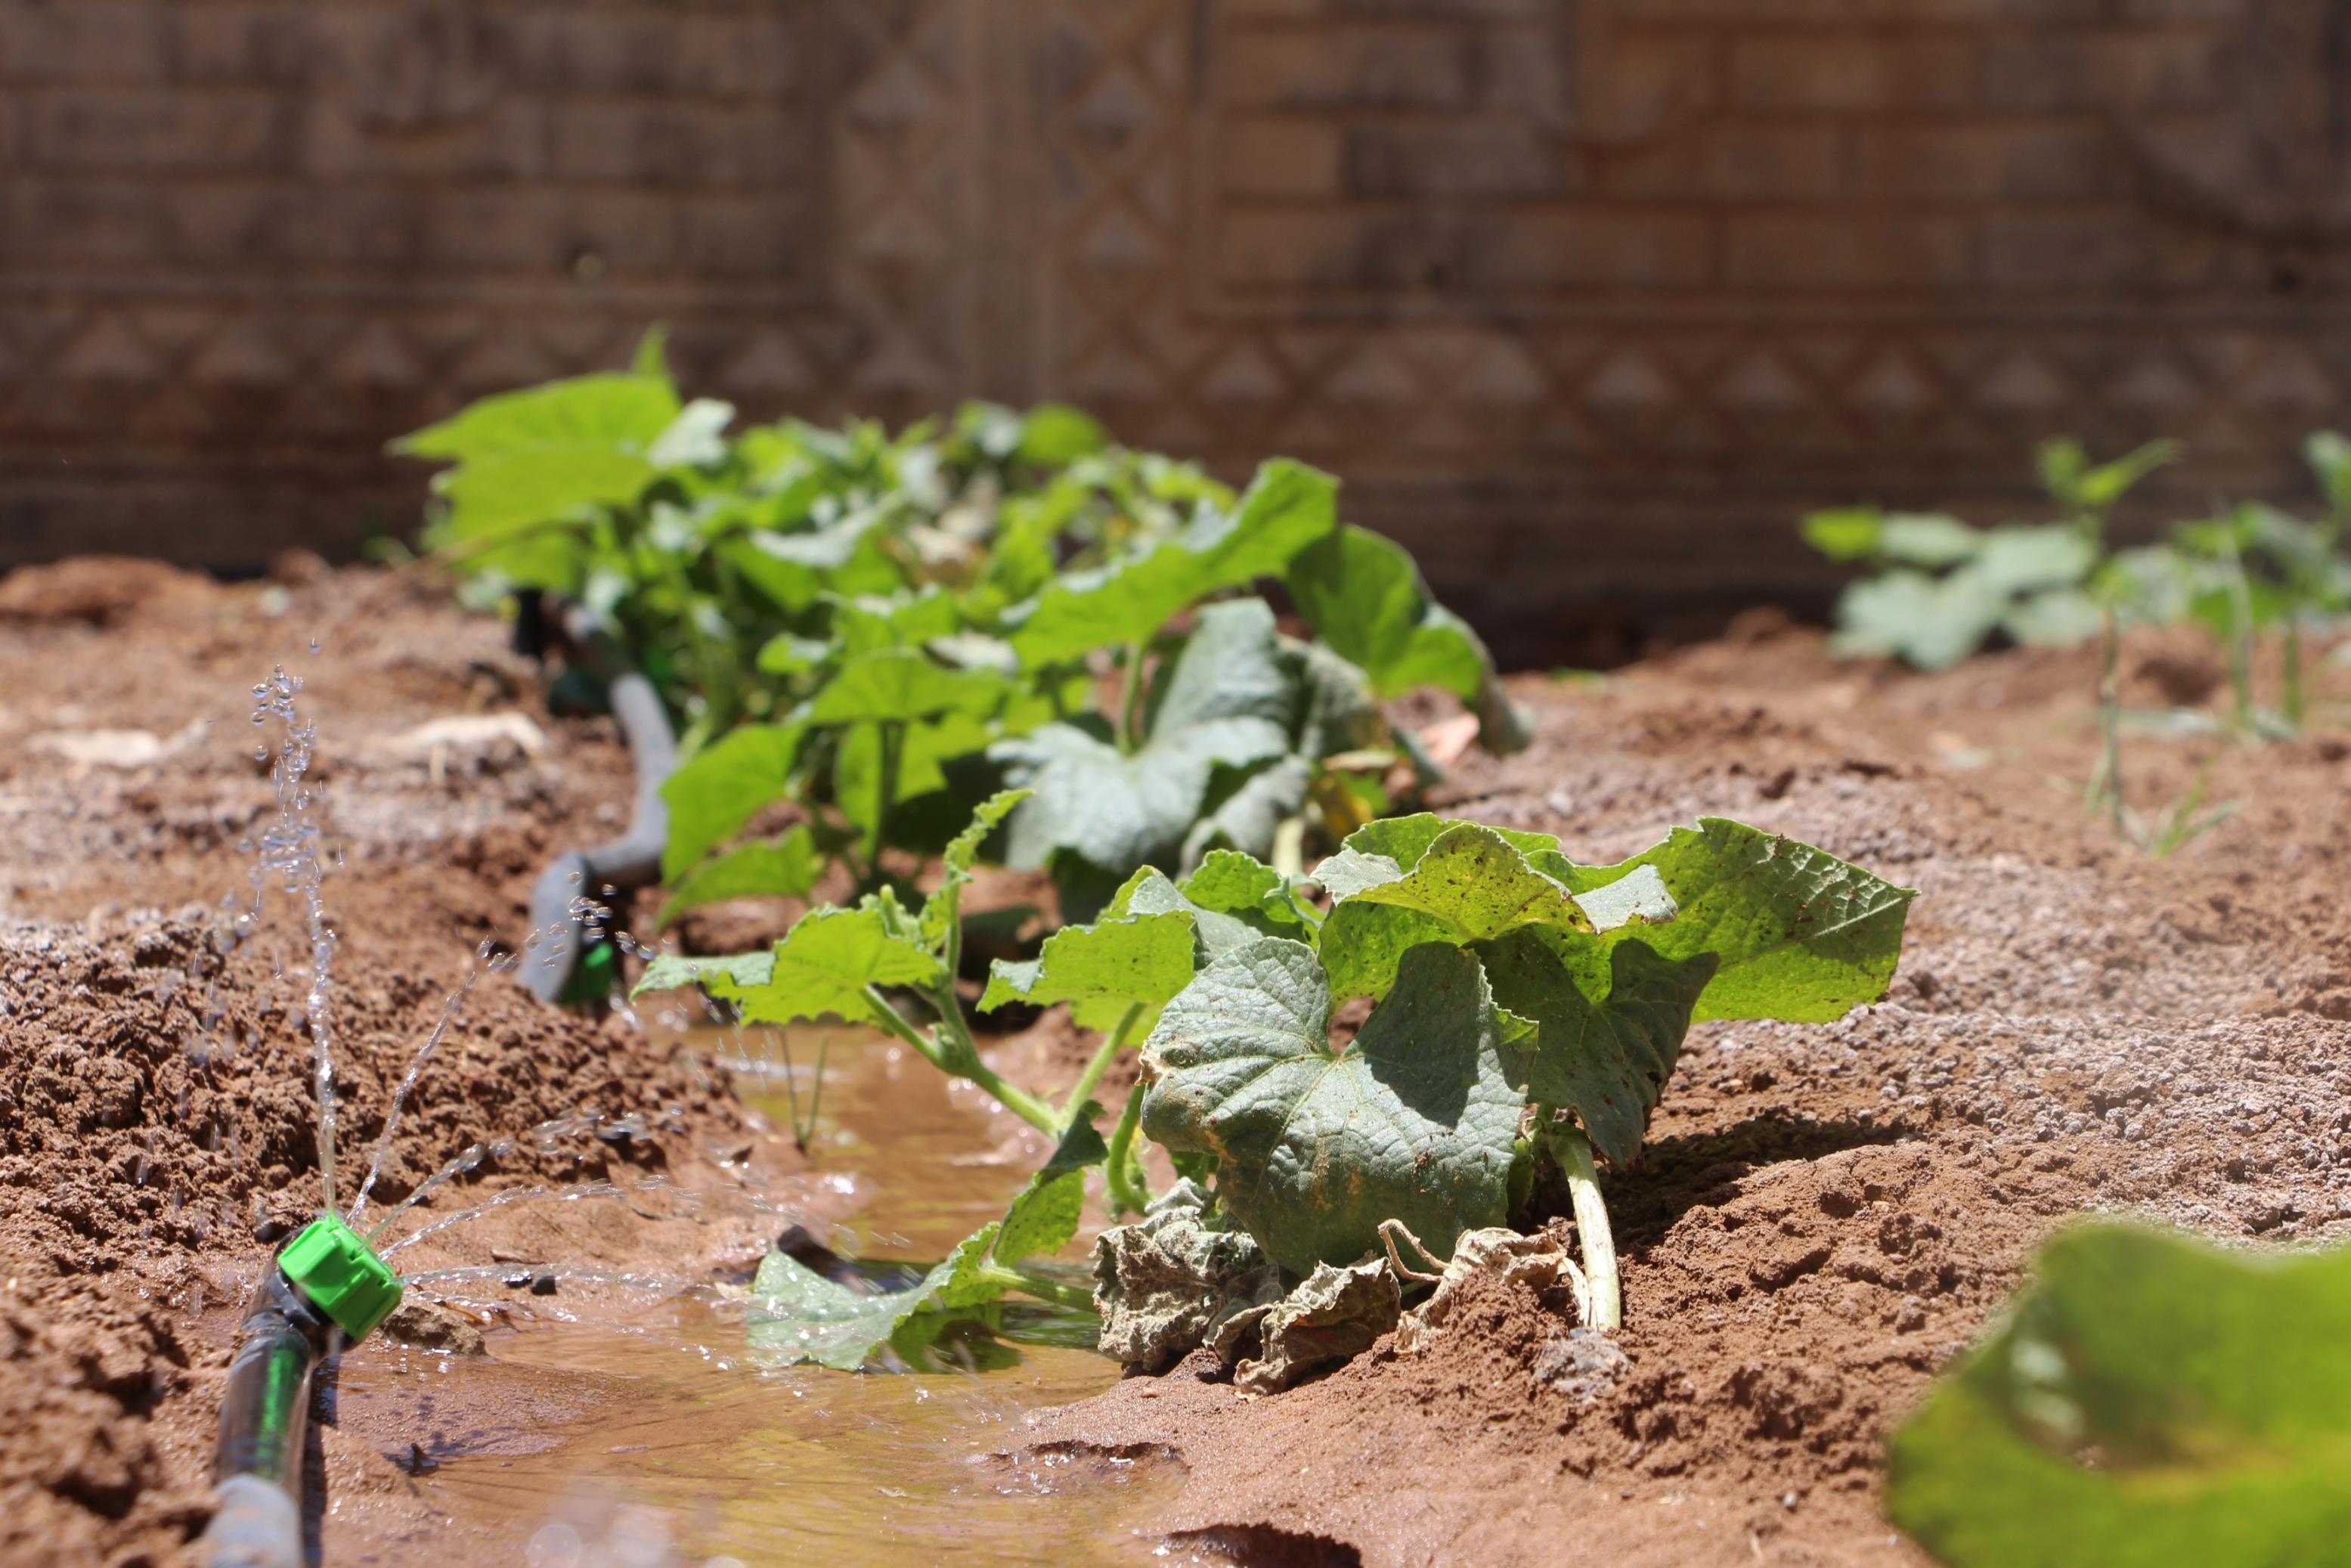 Okulun bahçesinde yetiştirilen sebze ve meyveler ihtiyaç sahiplerine dağıtılacak